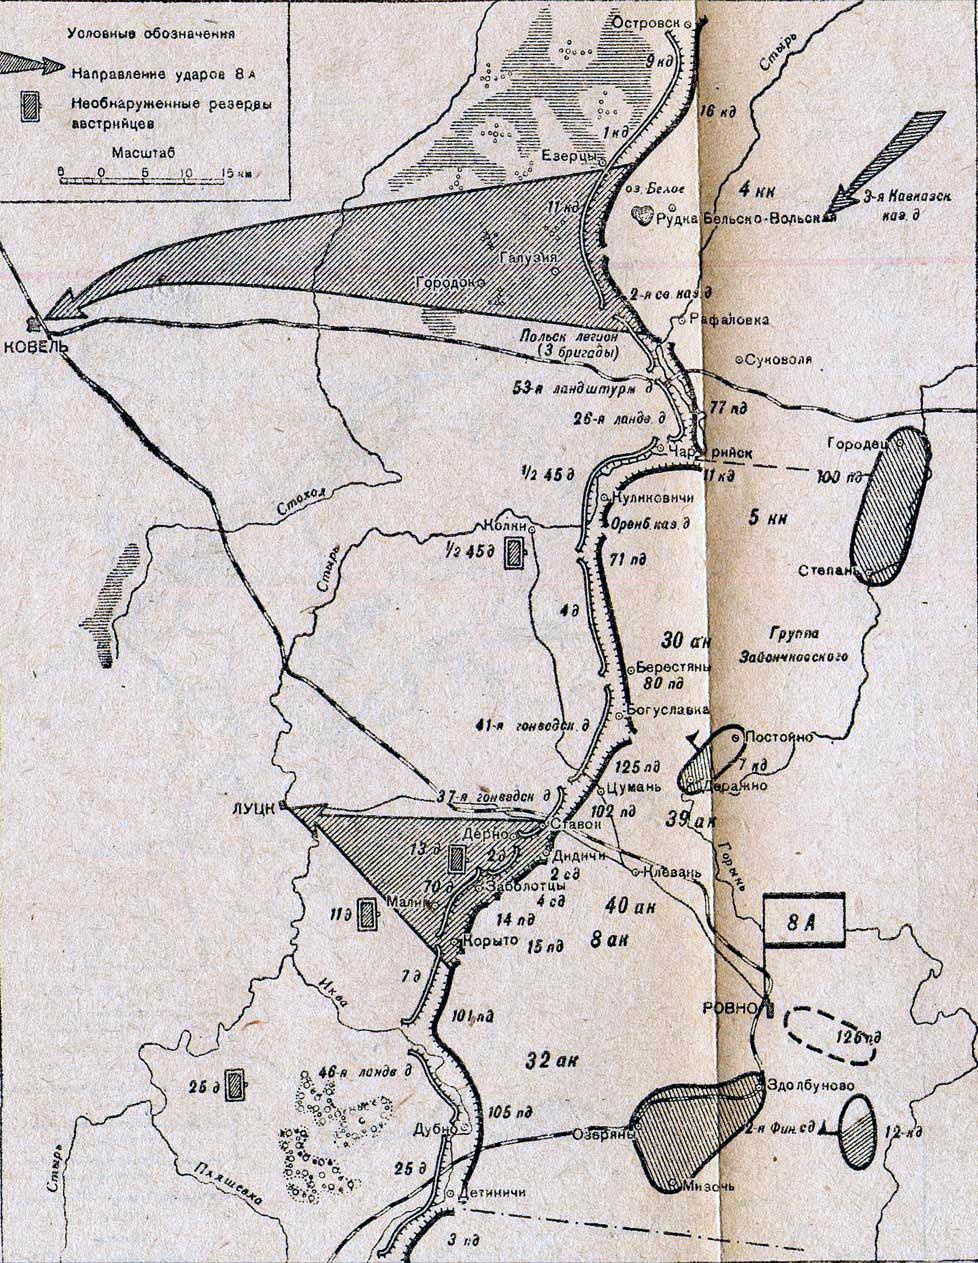 Карта бойових дій Брусилівського прориву